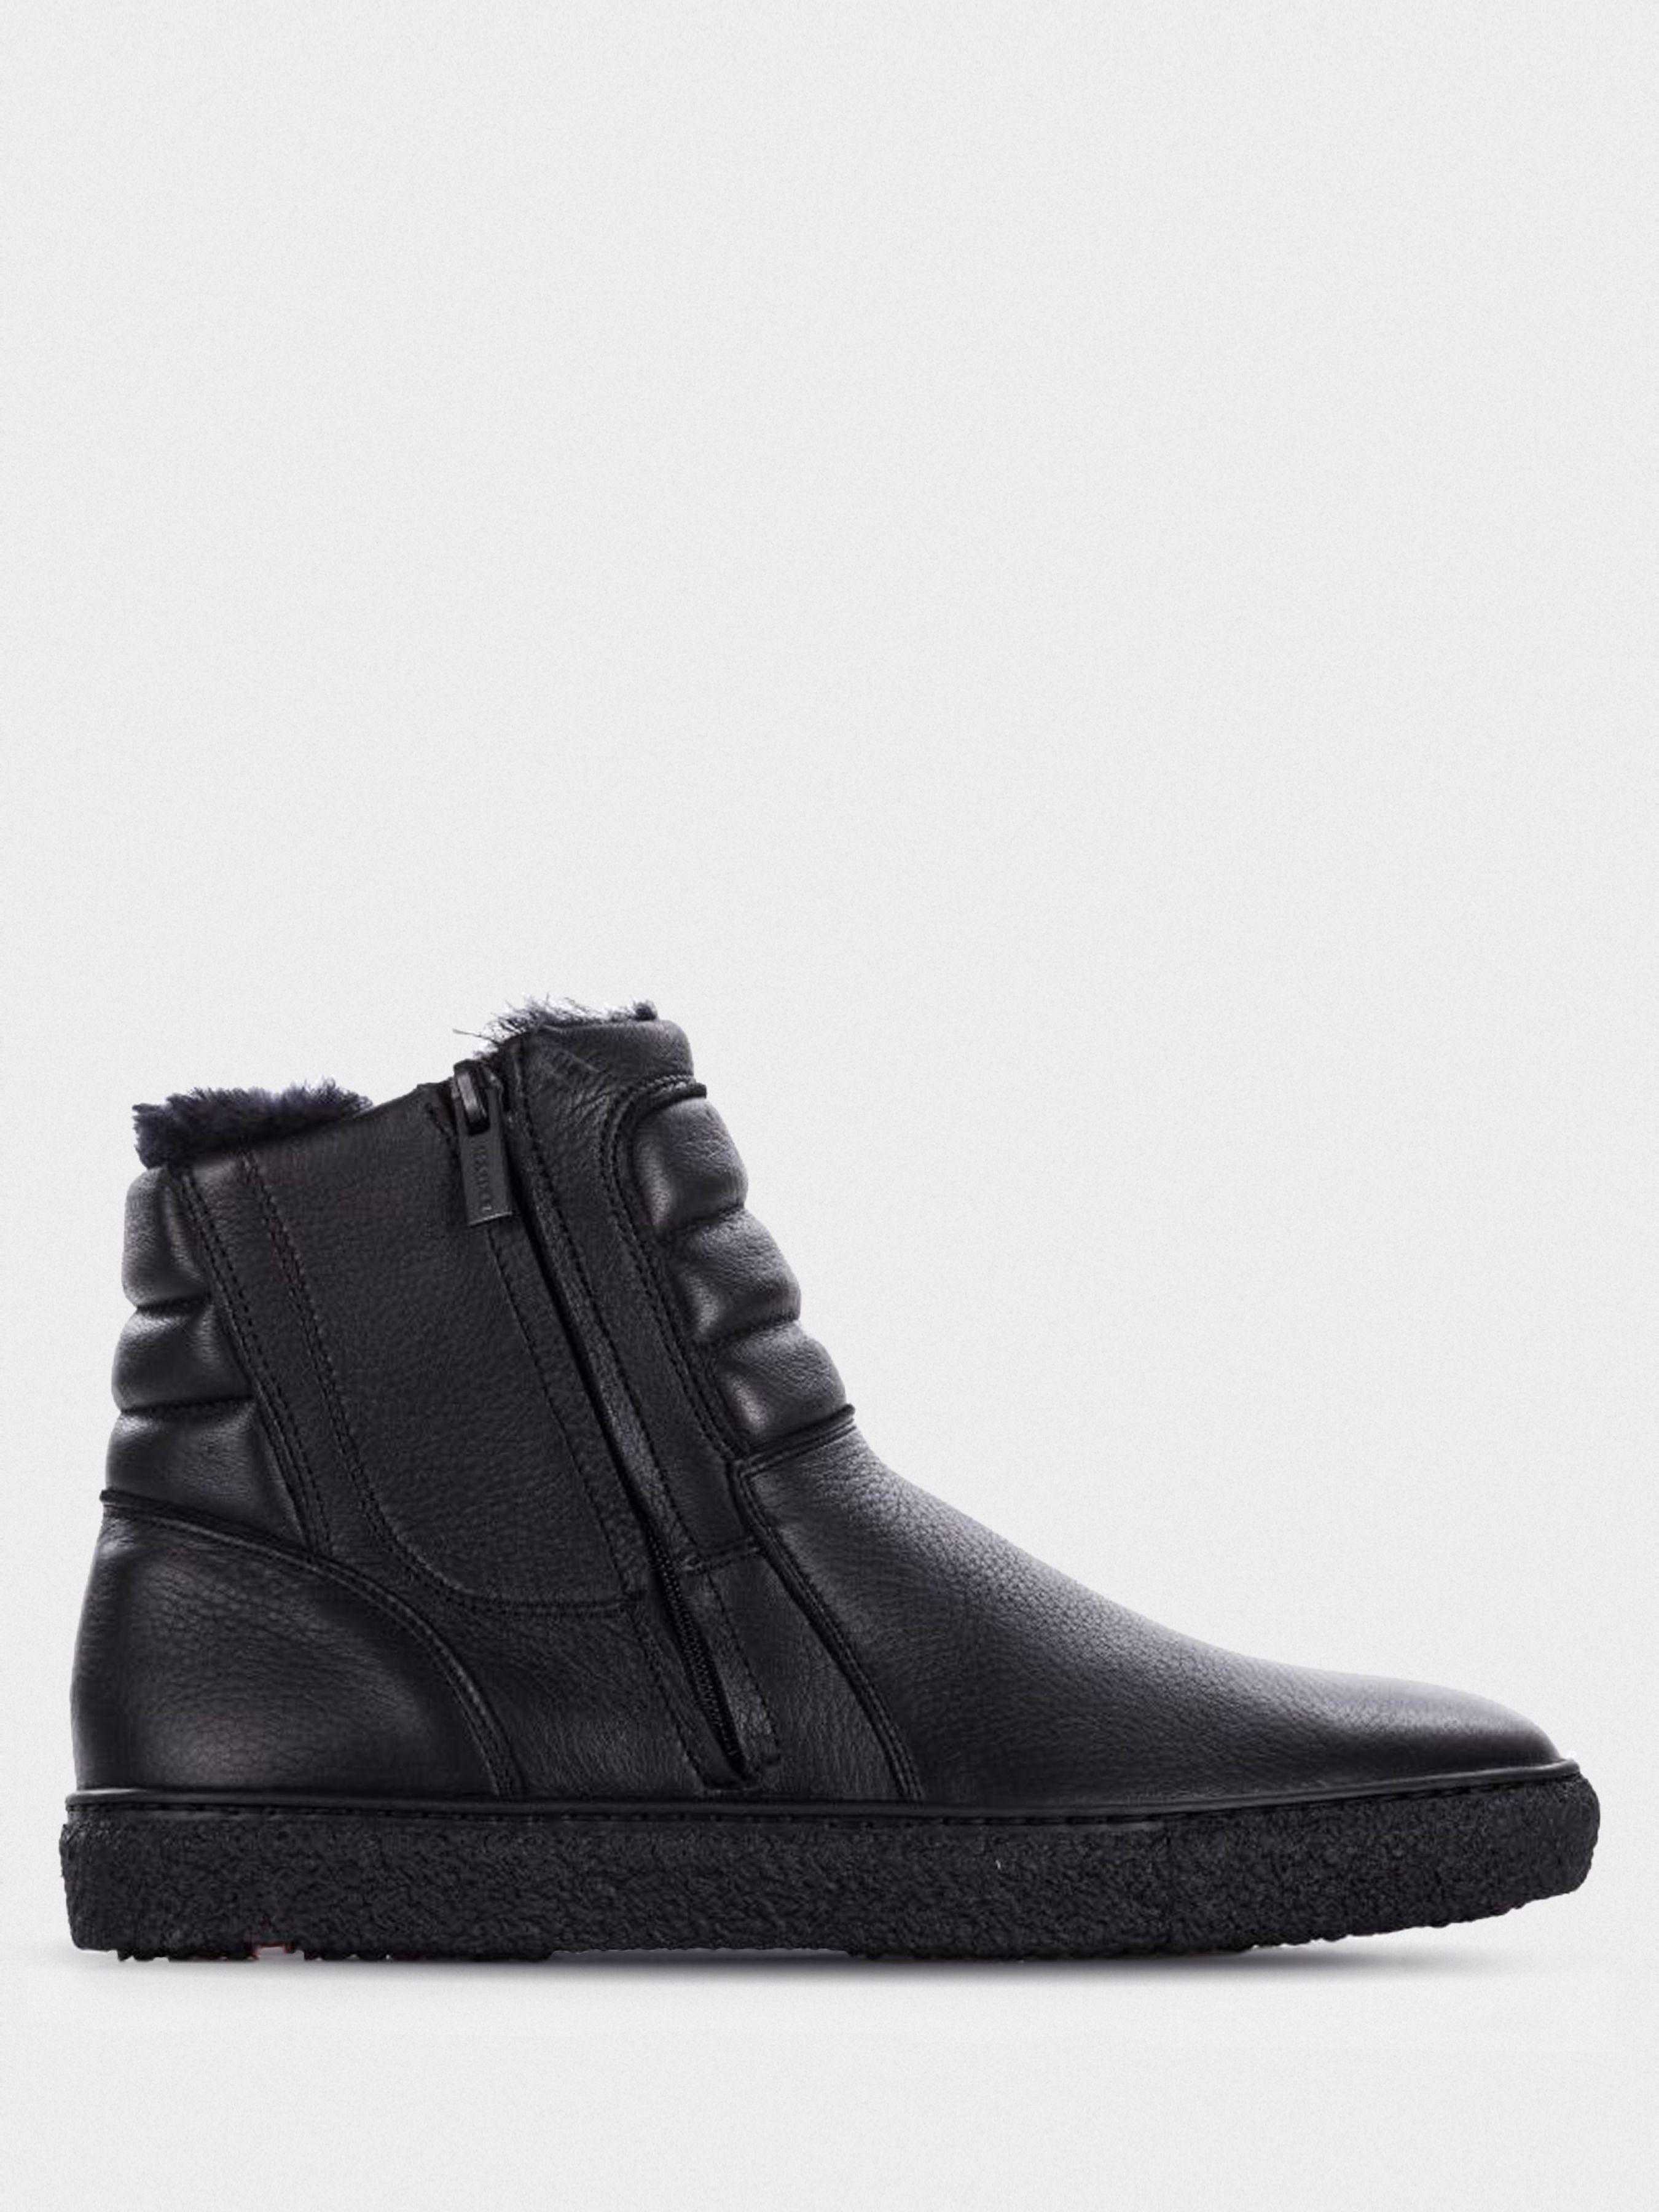 Купить Ботинки мужские Lloyd BRADFORD UN1455, Черный